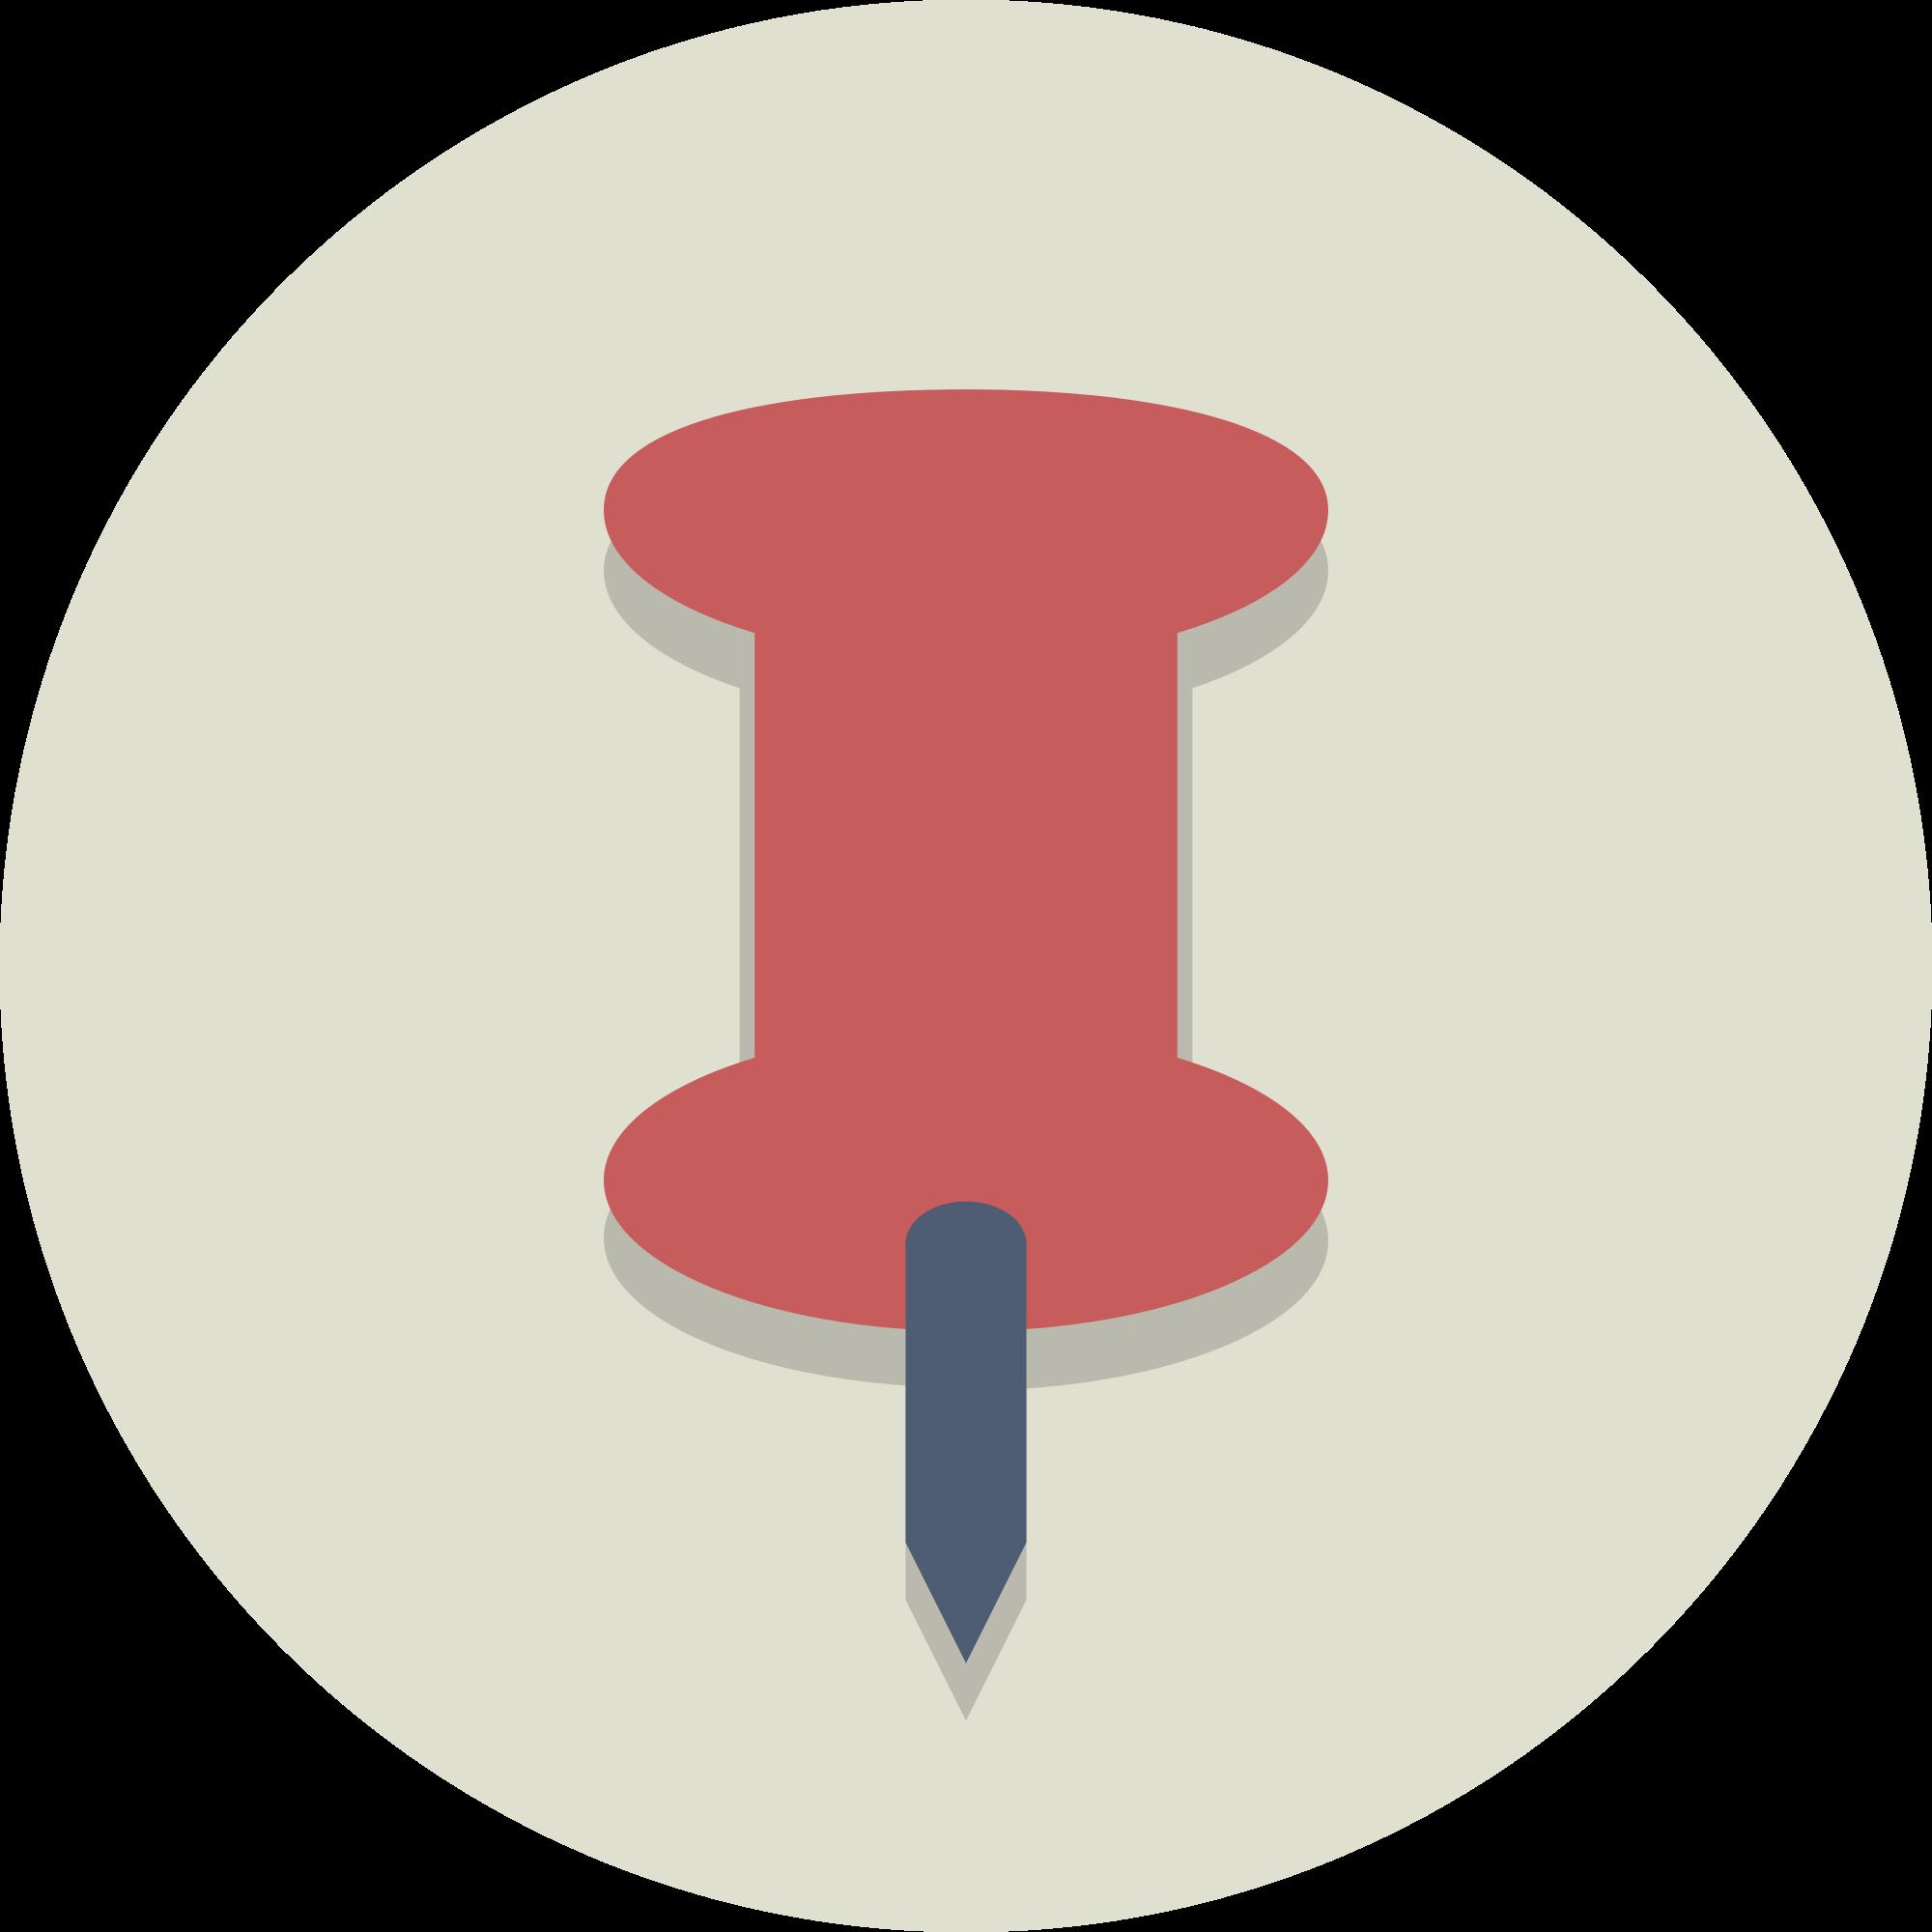 pin-flat-icon